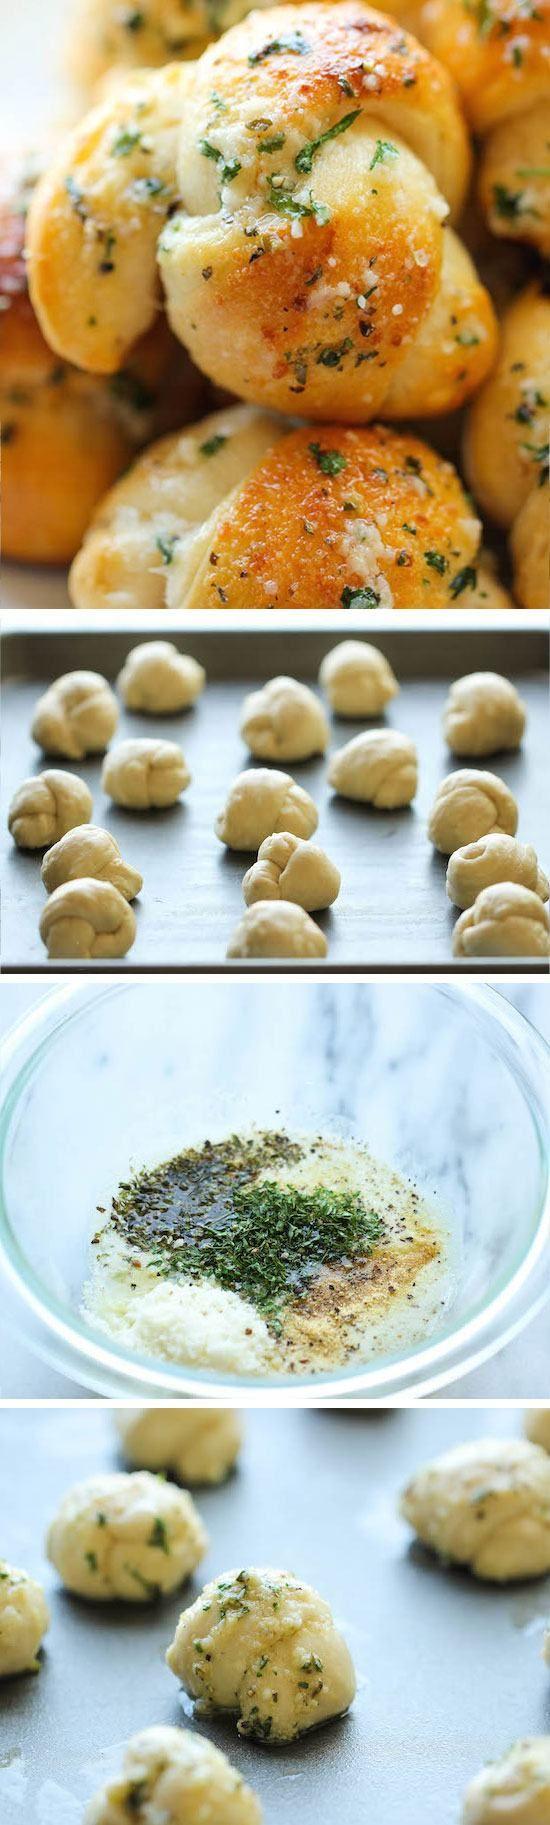 Gemakkelijk Garlic Parmesan Knots |  Makkelijk Pasen Voorgerechten voor een Crowd |  Makkelijk Pasen Voedsel Ideeën + Recepten